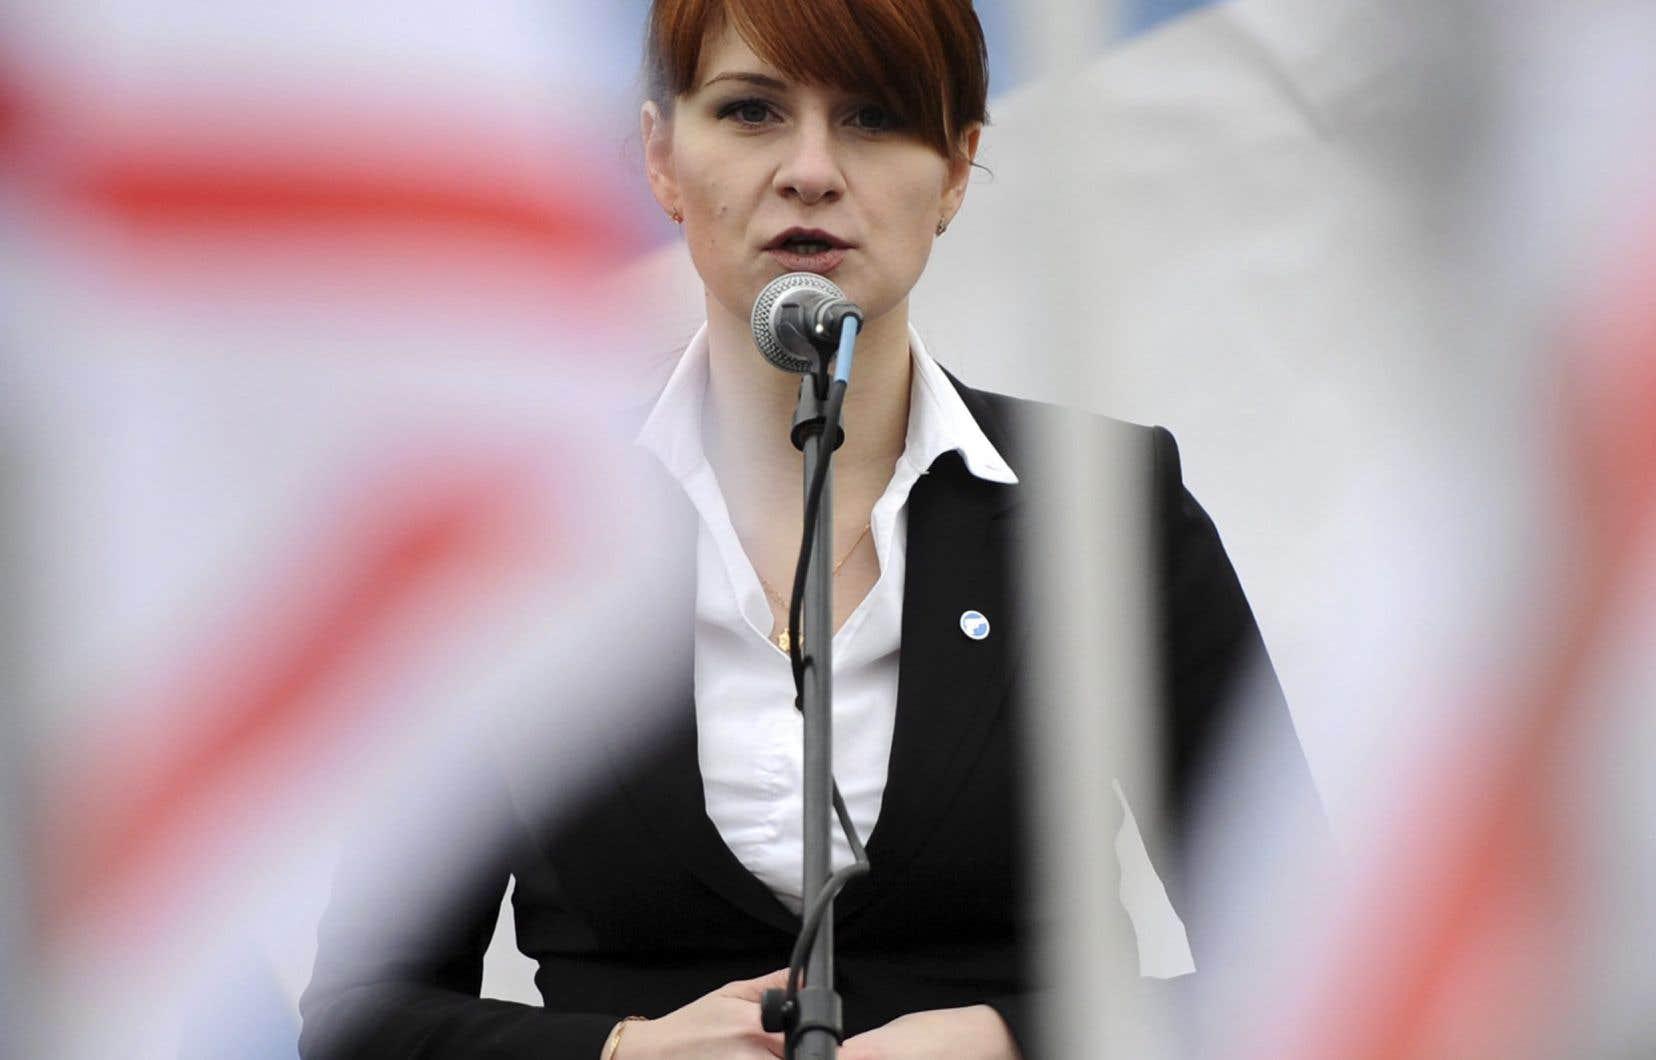 Maria Boutina, 29ans, est accusée d'avoir agi en tant qu'«agente non déclarée d'un gouvernement étranger» et de «complot» pour infiltrer des organisations américaines.